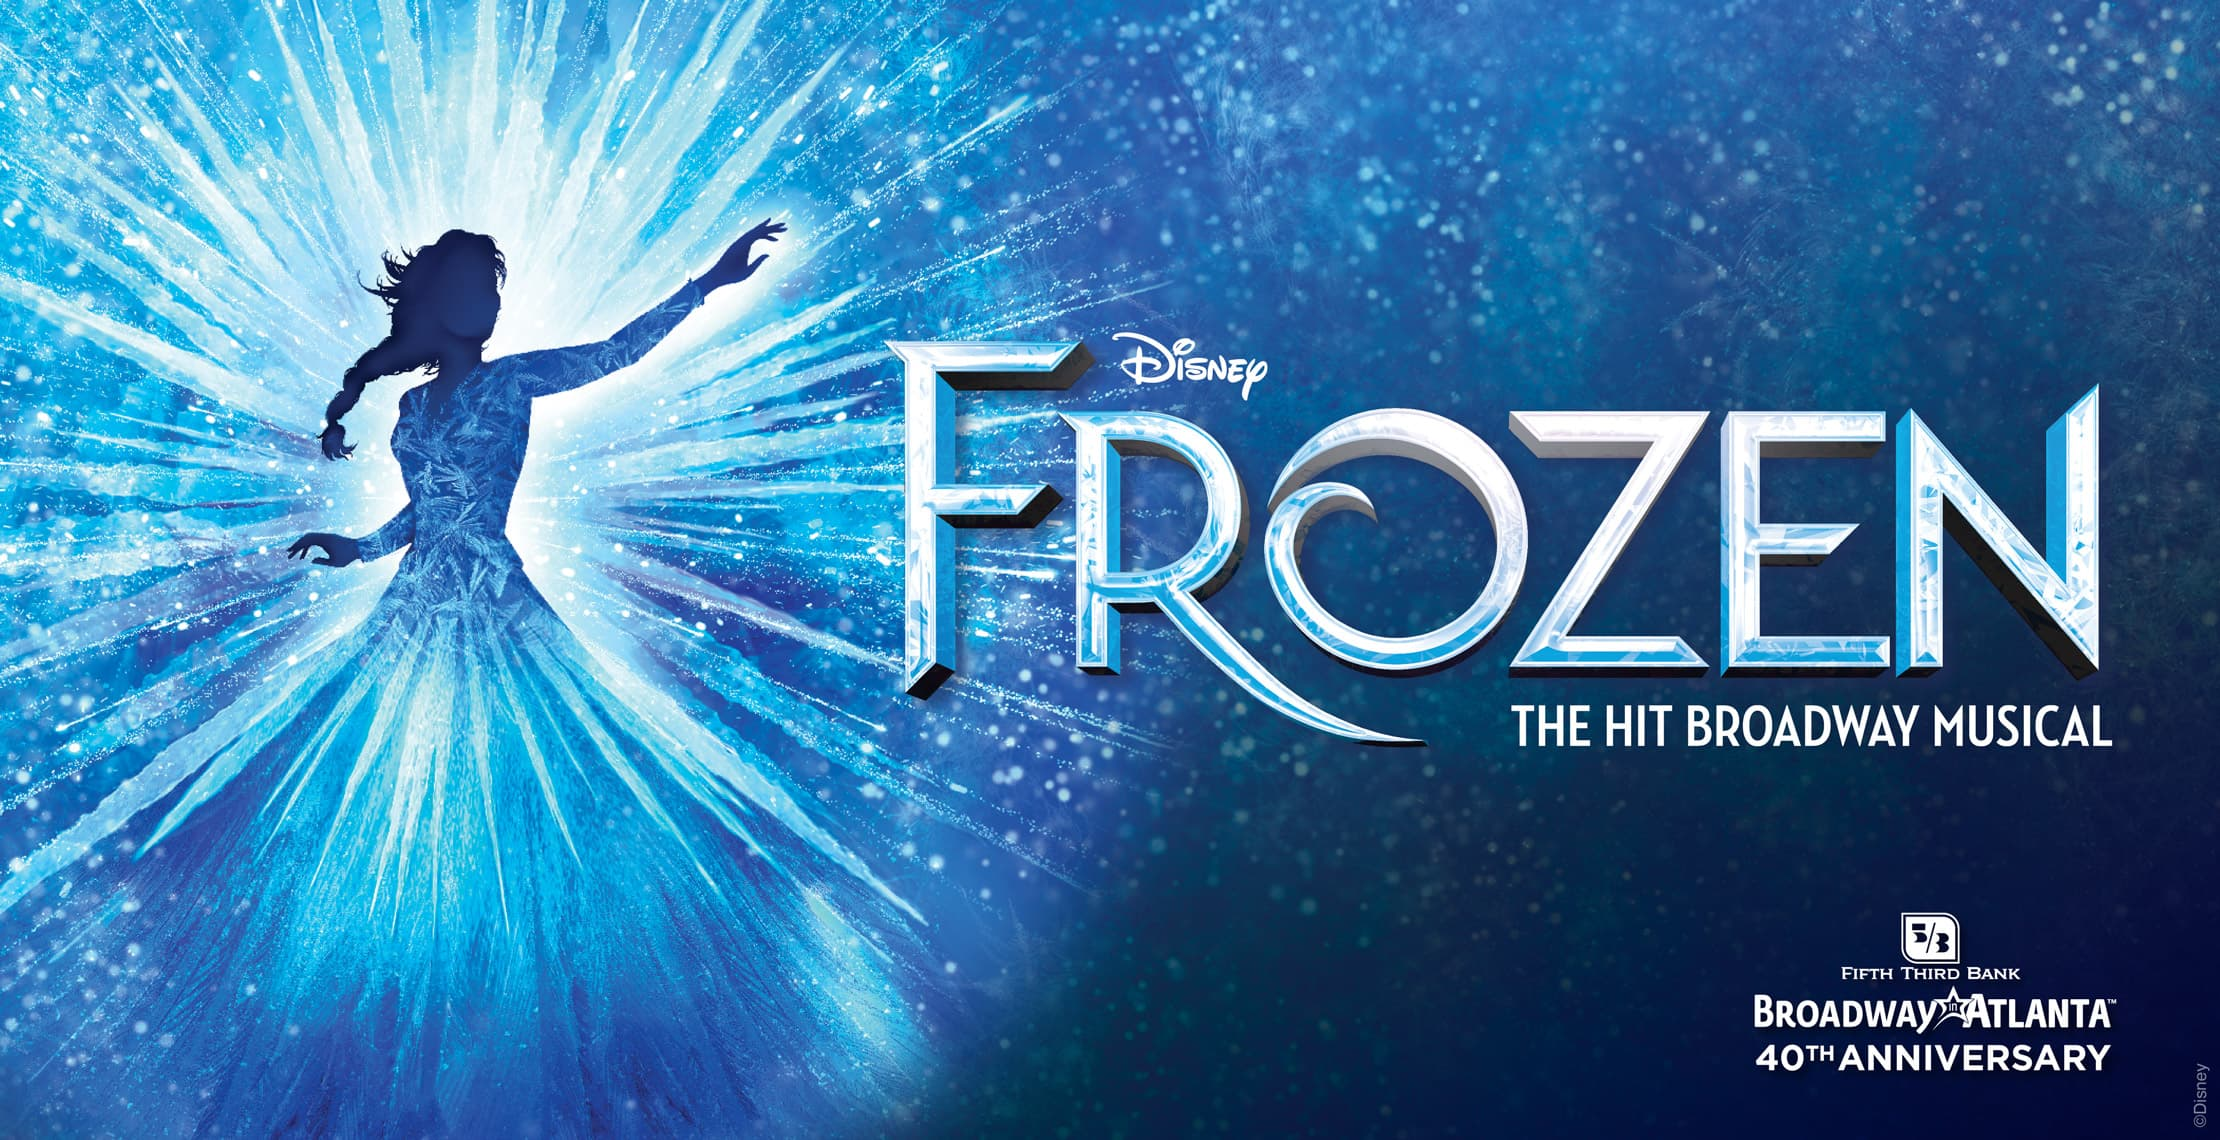 Disney's Frozen